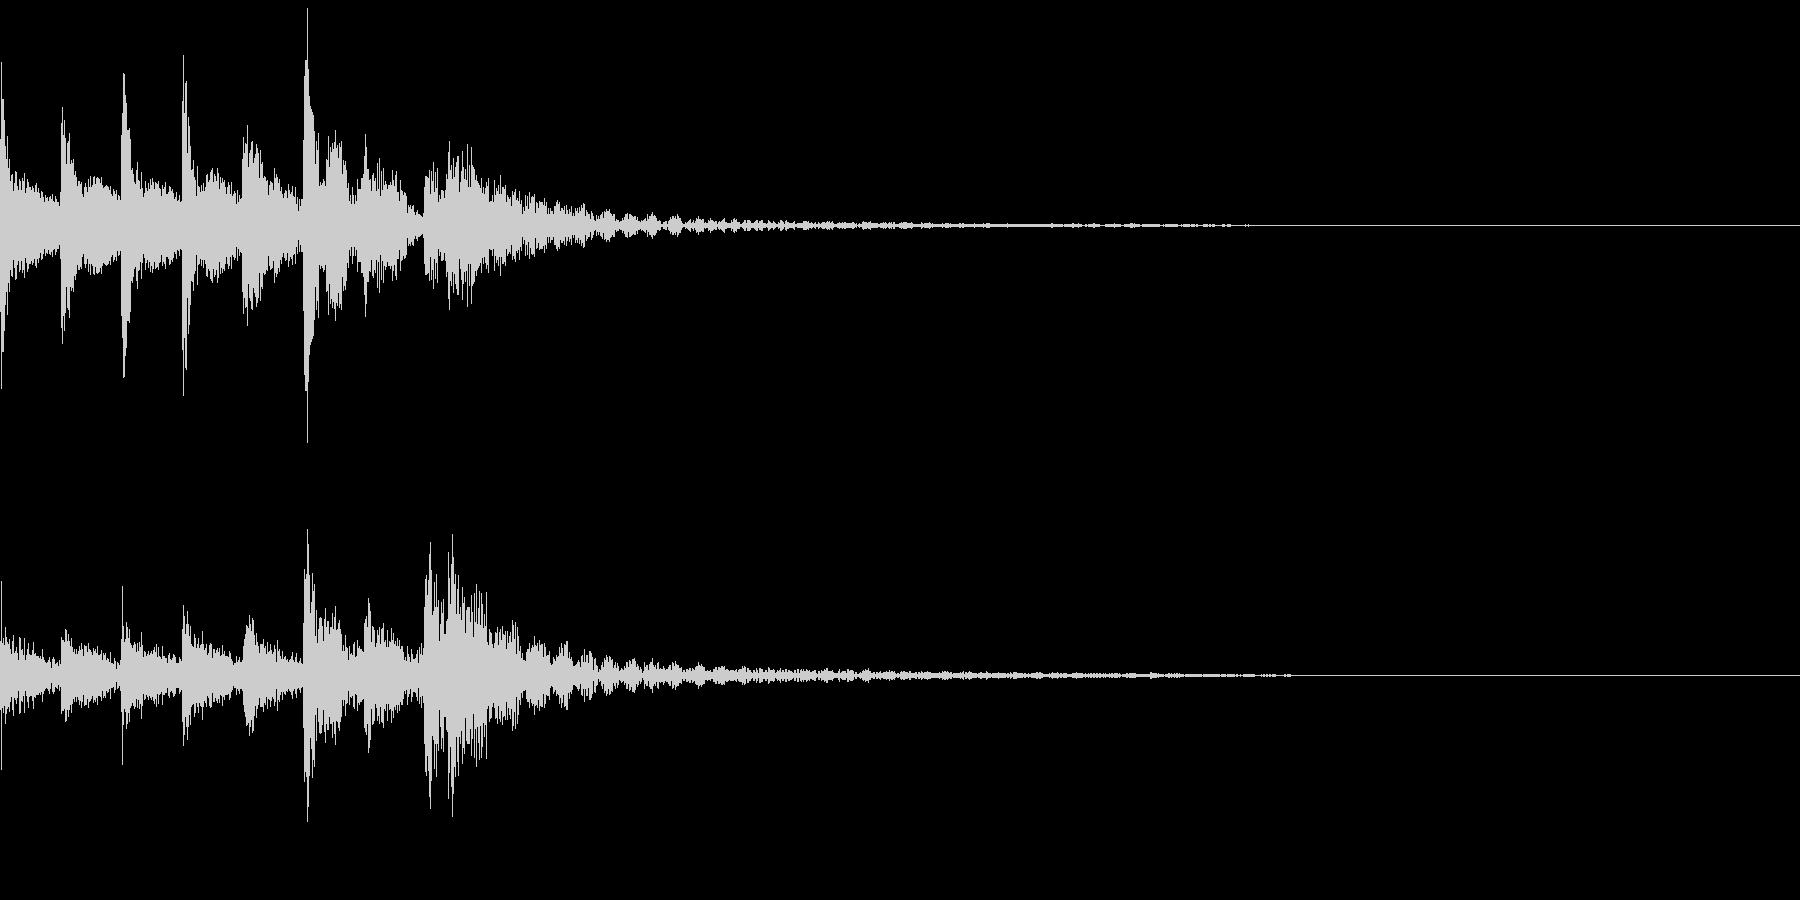 タム回し/ミッド/ドラムフィル/3の未再生の波形